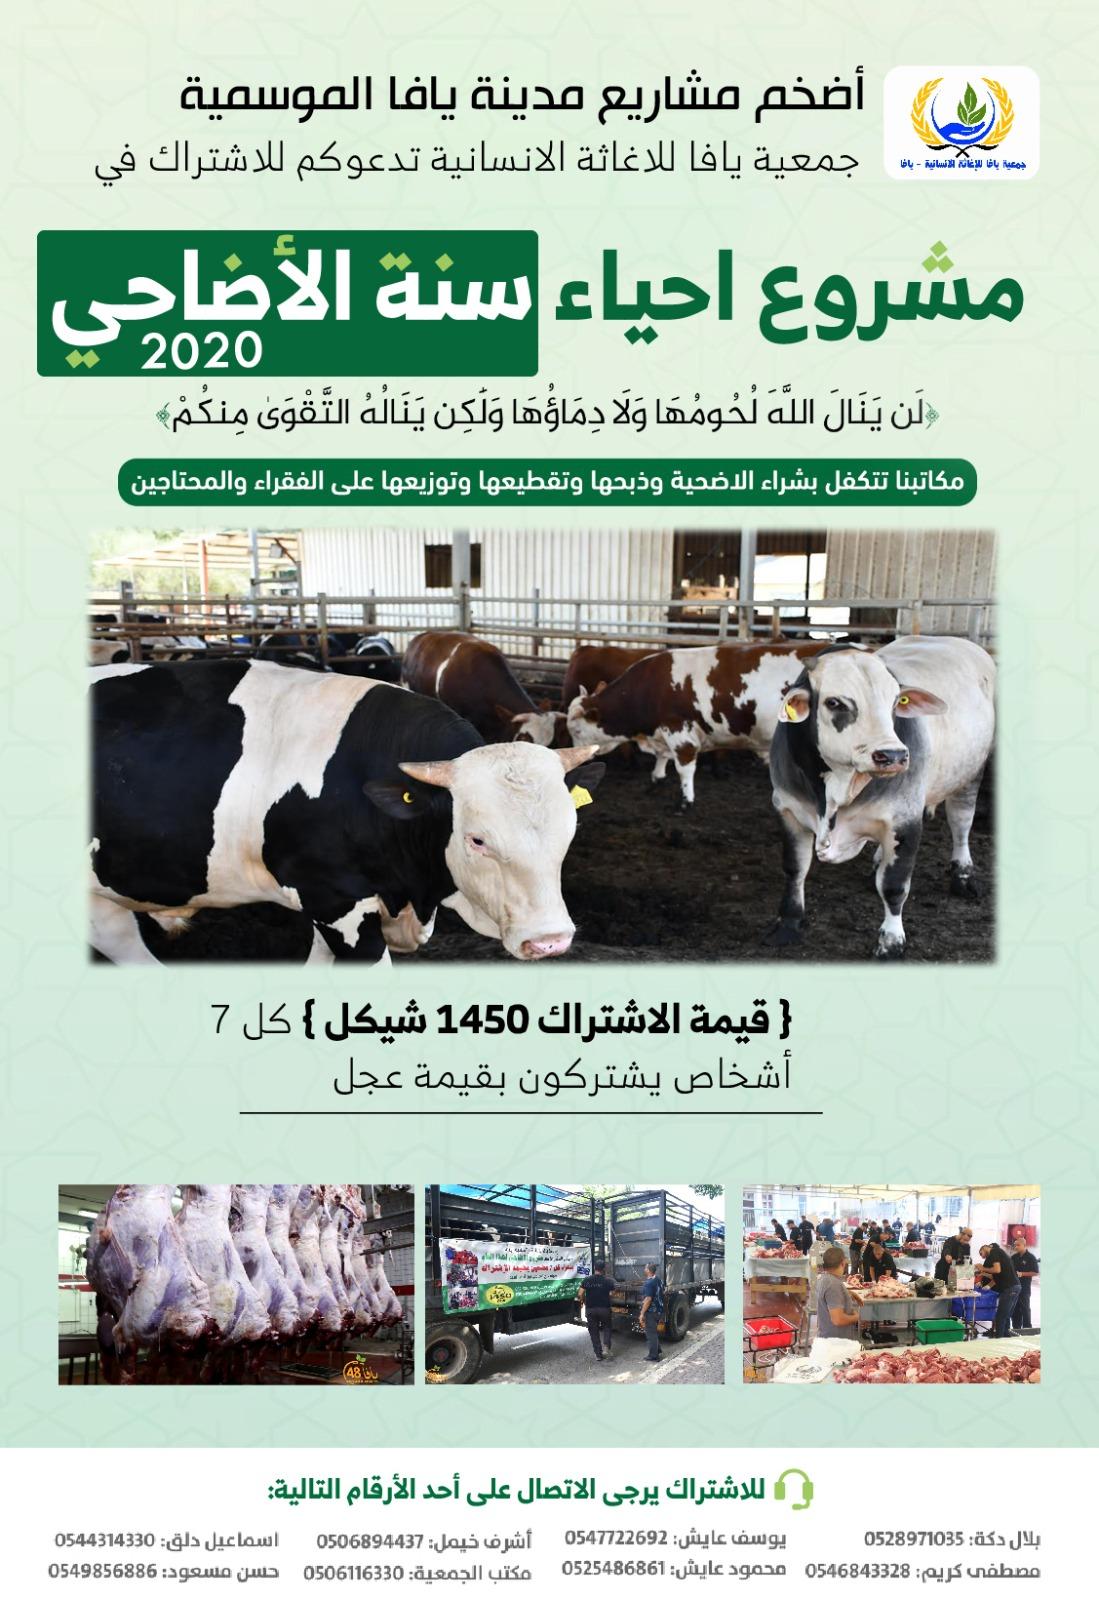 جمعية يافا  1450 شيكل قيمة الاشتراك في مشروع الاضاحي 2020